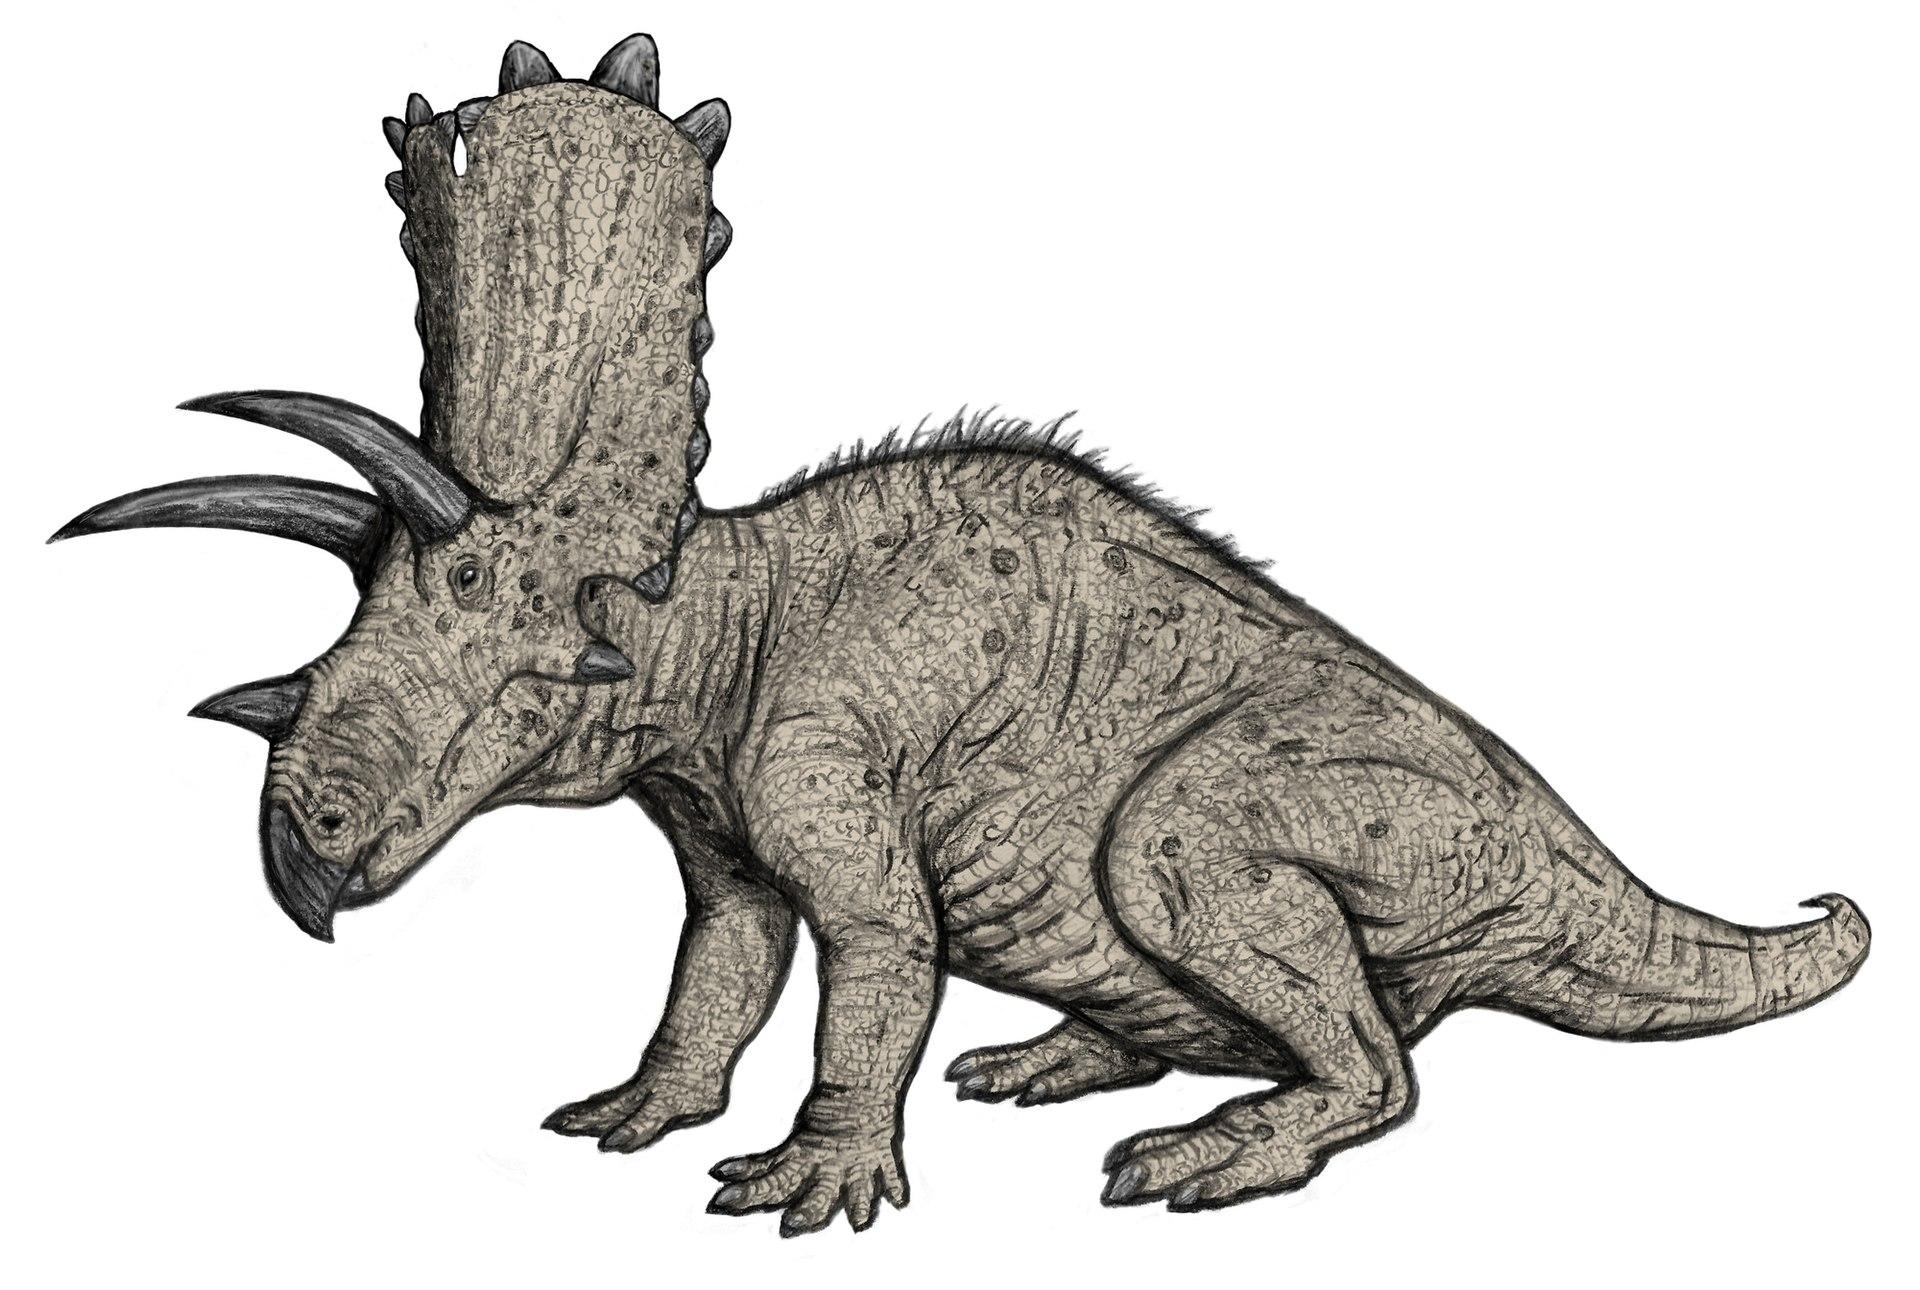 Obrazová rekonstrukce jednoho z pouhých osmi druhů ptakopánvých dinosaurů, popsaných v loňském roce. Je jím chasmosaurinní ceratopsid druhu Terminocavus sealeyi, žijící v období pozdní křídy (věk kampán, asi před 75,0 až 74,6 milionu let) na území so